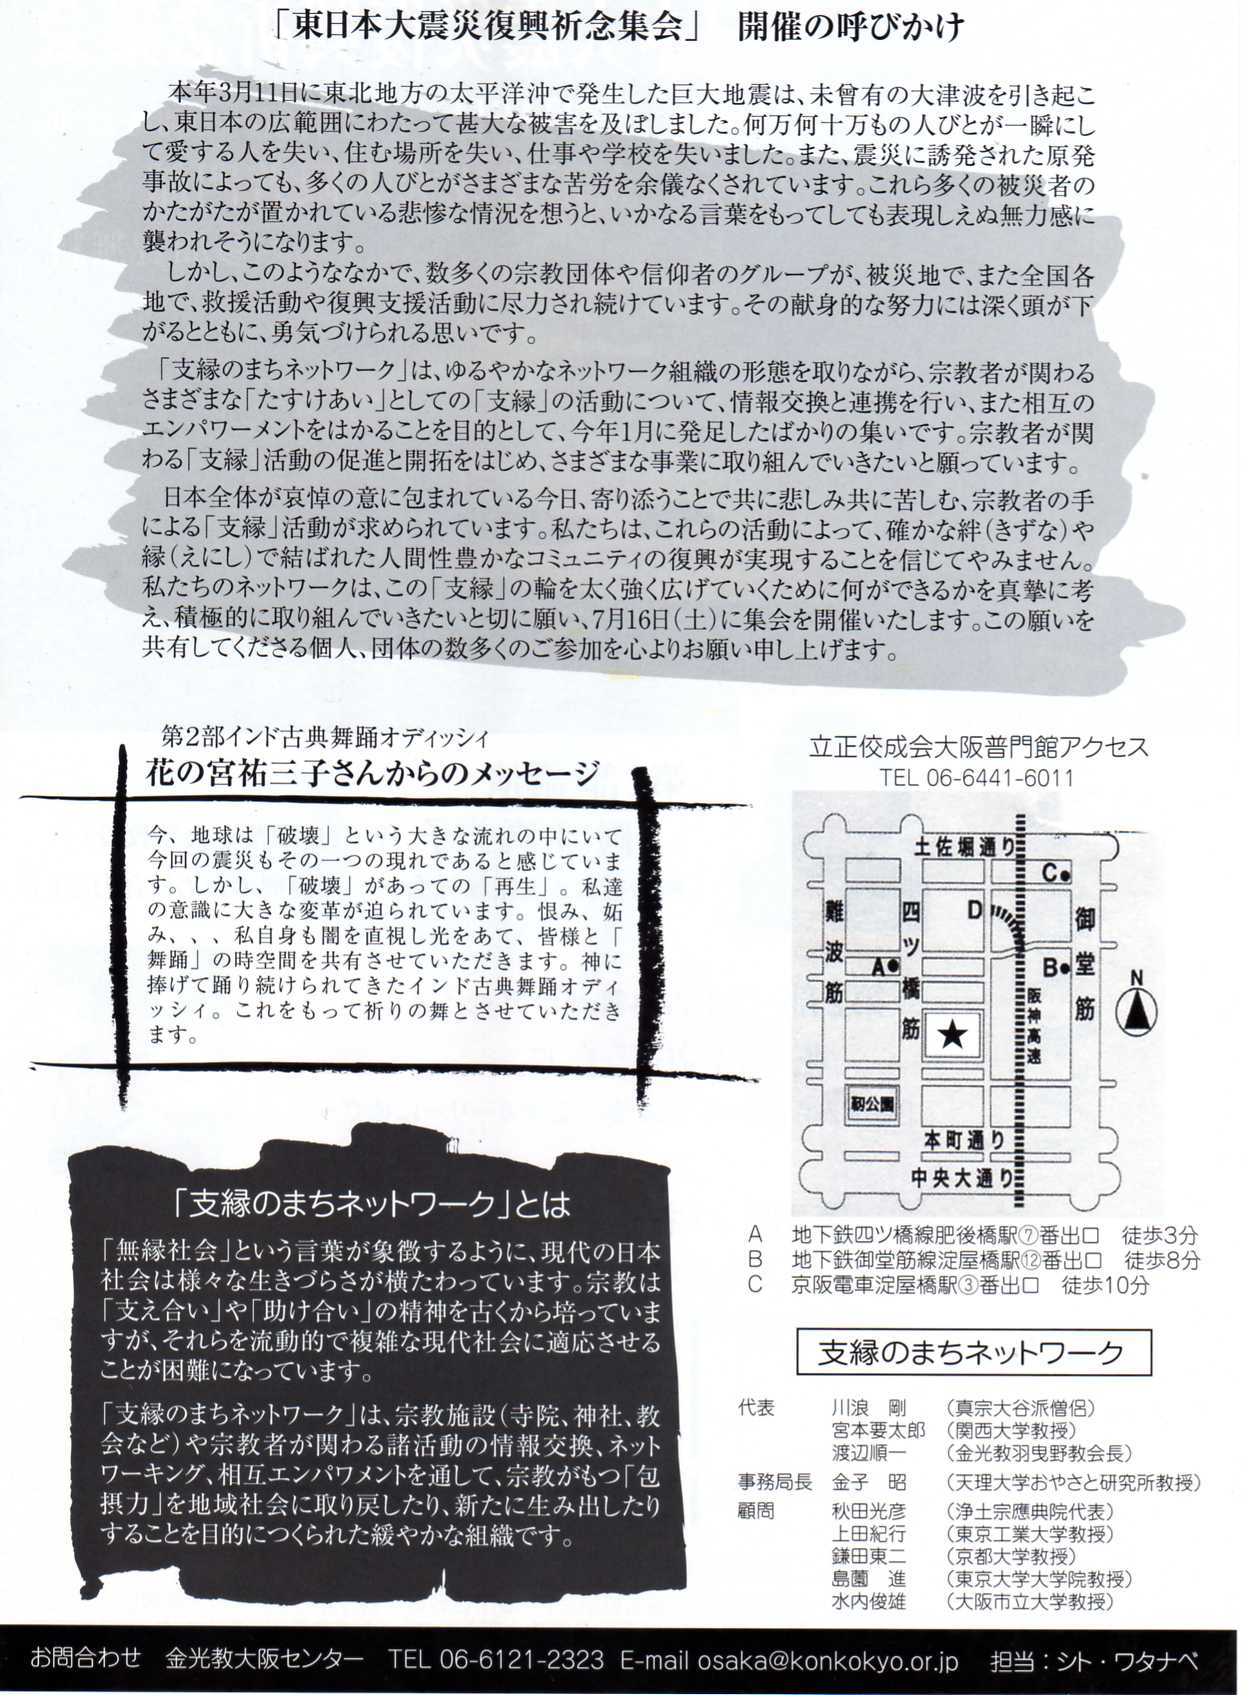 御霊神社、支縁のまちネットワーク_a0088827_6481260.jpg